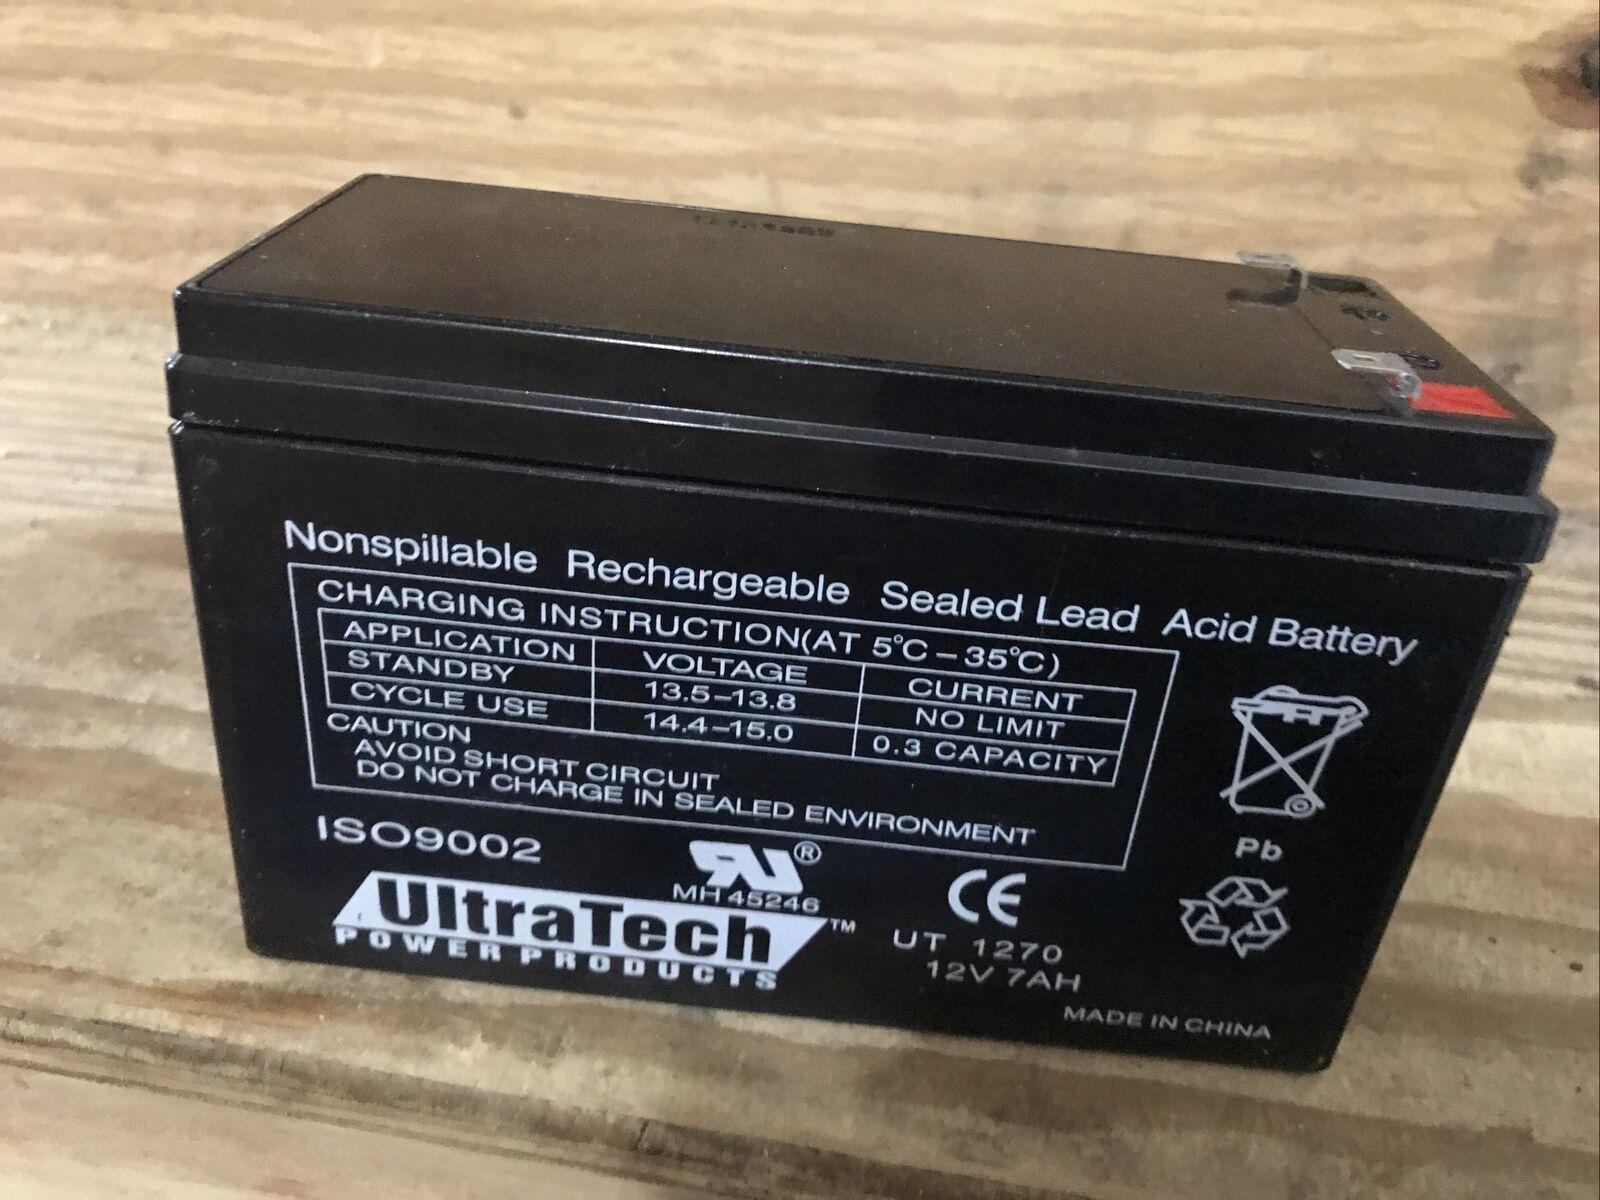 UltraTech UT-1270 12V, 7Ah Sealed Lead Acid Alarm Battery UT1270 ISO9001